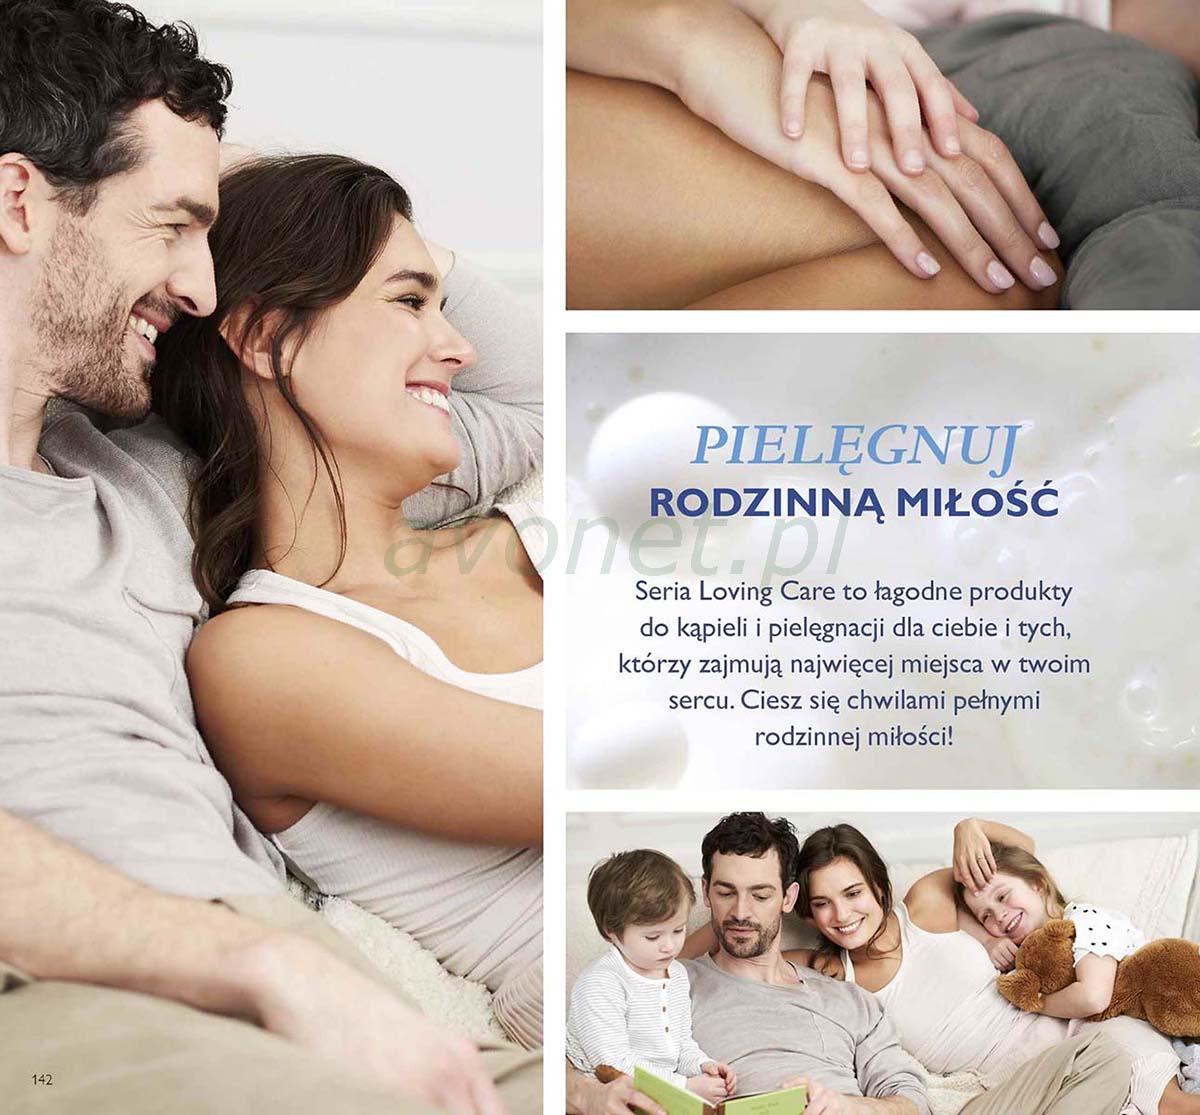 2017015-142-pl-pl